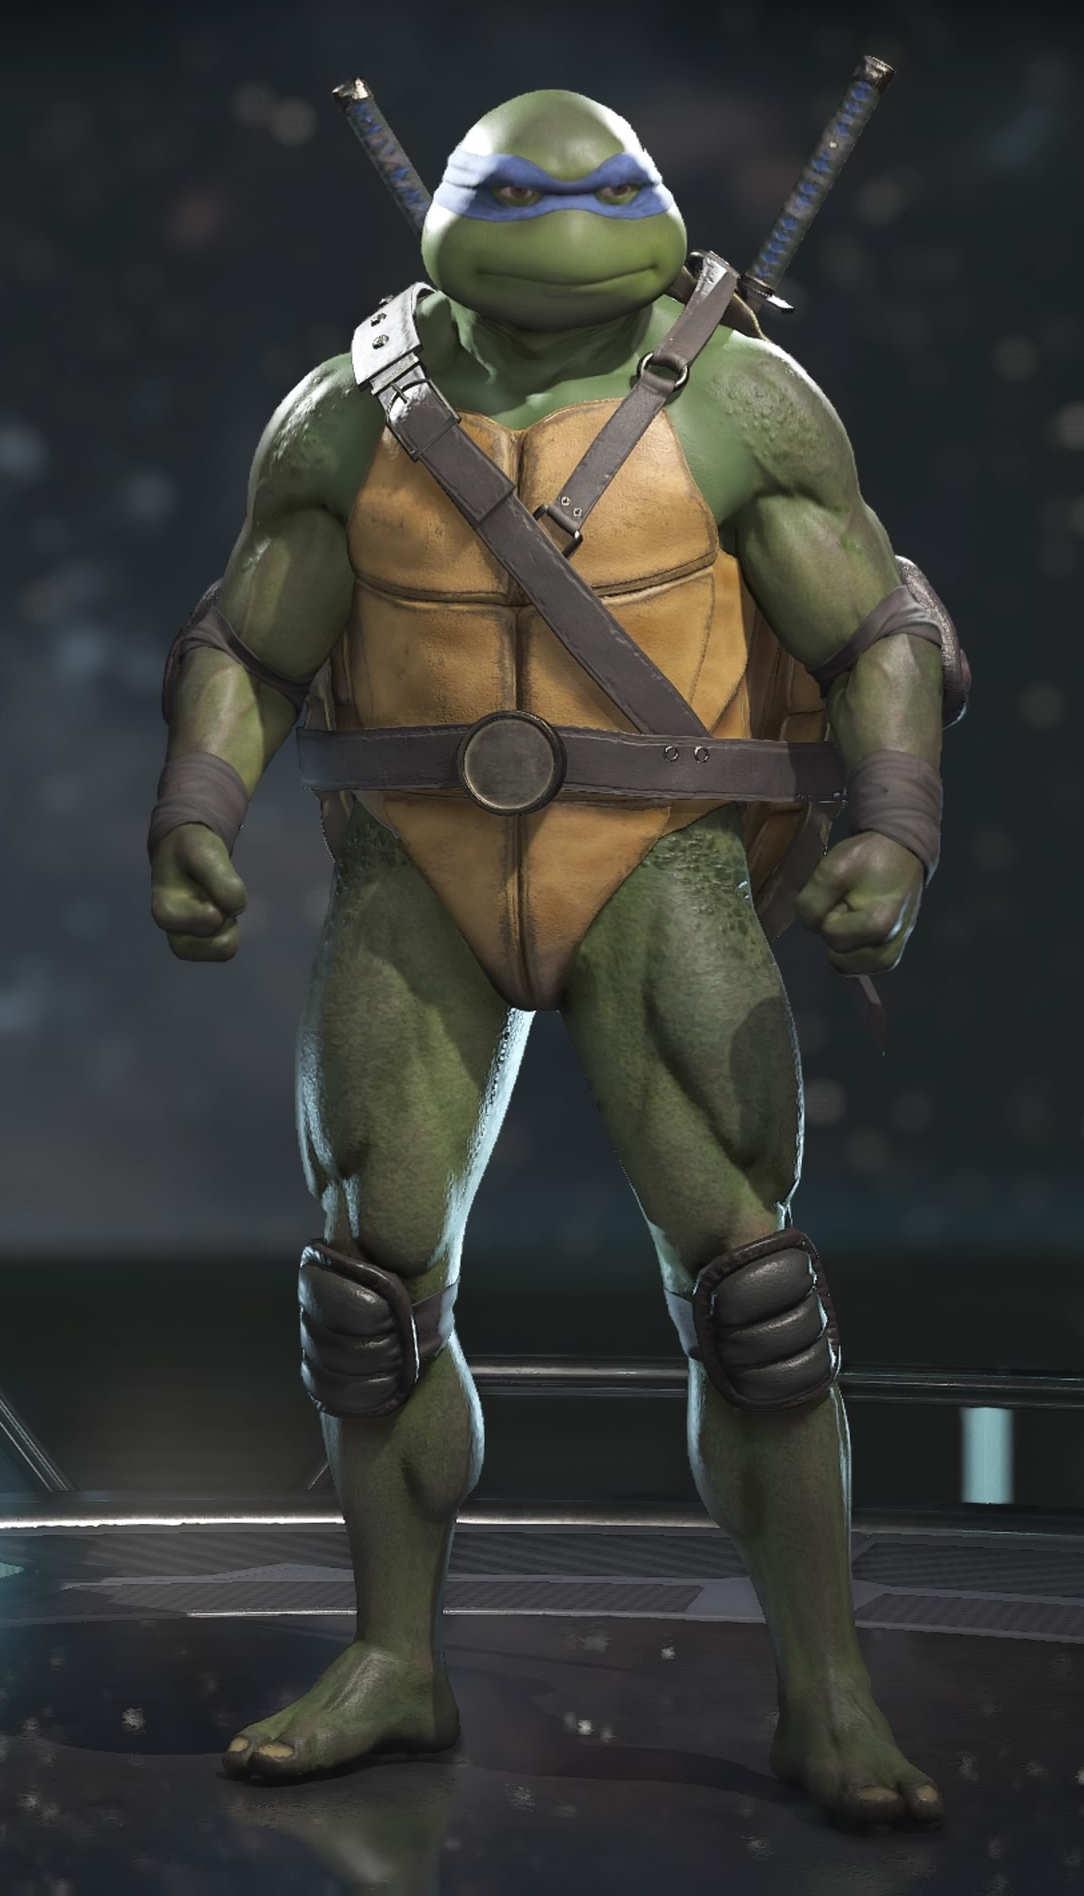 Teenage Mutant Ninja Turtles | Injustice:Gods Among Us Wiki | FANDOM